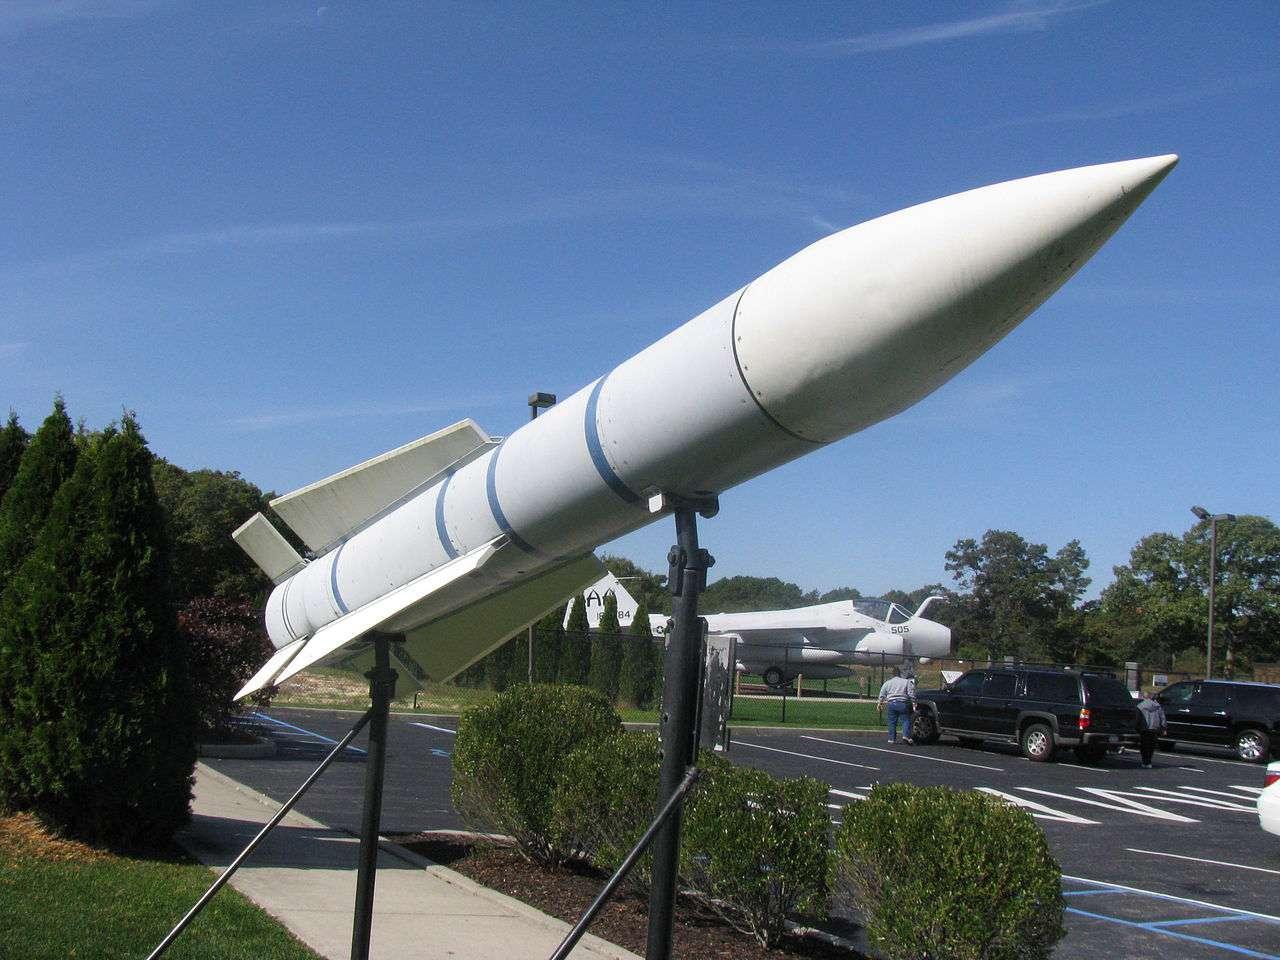 Phoenix missile at Grumman Memorial Park